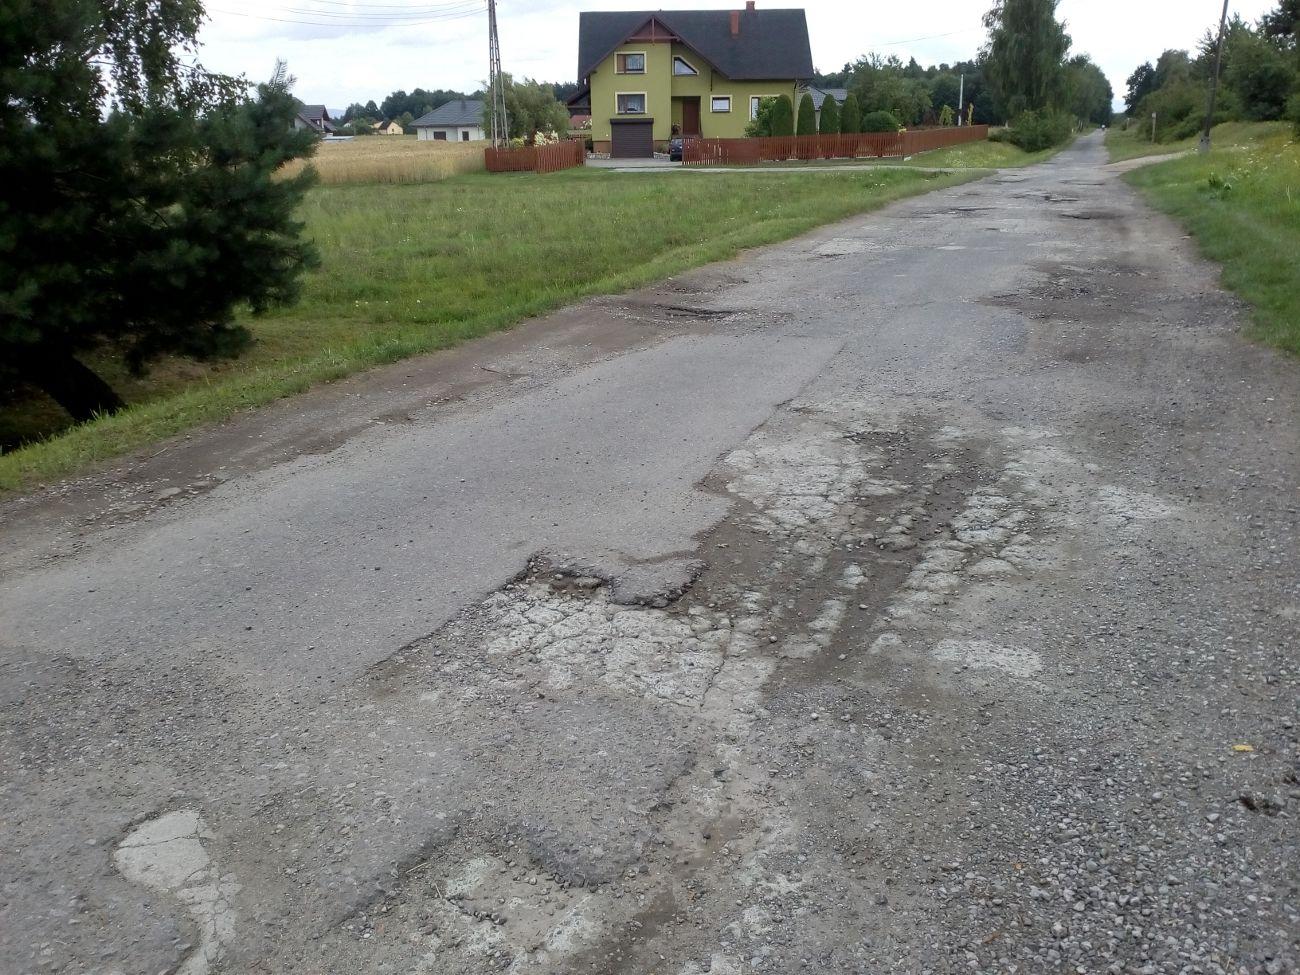 Fatalna droga przy rurociągu: jest plan B